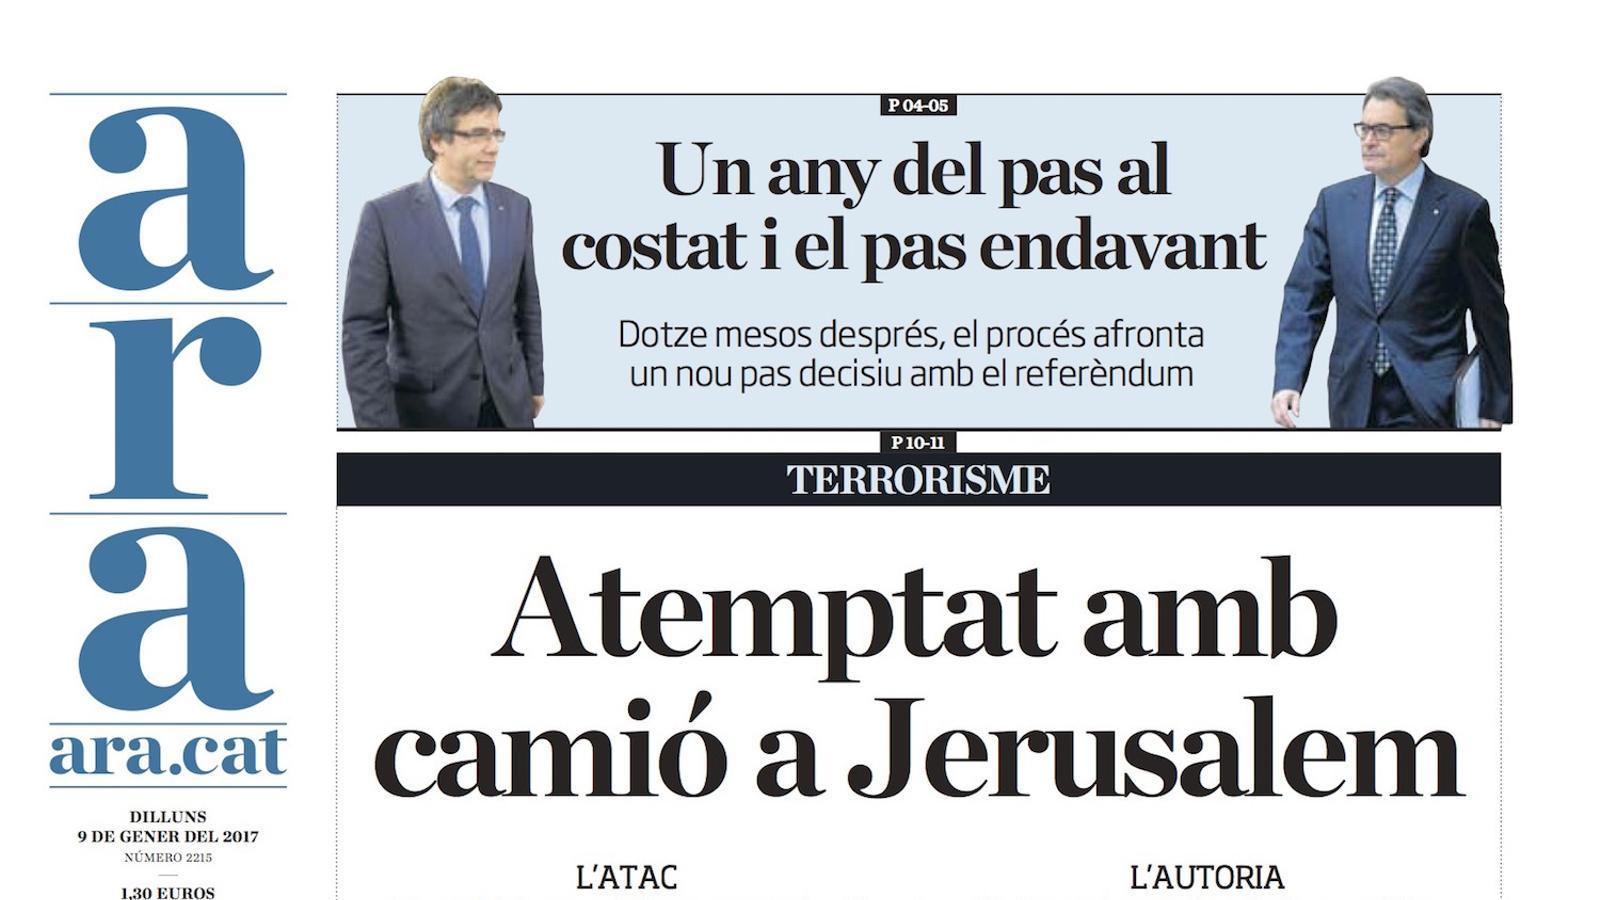 """""""Atemptat amb camió a Jerusalem"""", portada de l'ARA"""